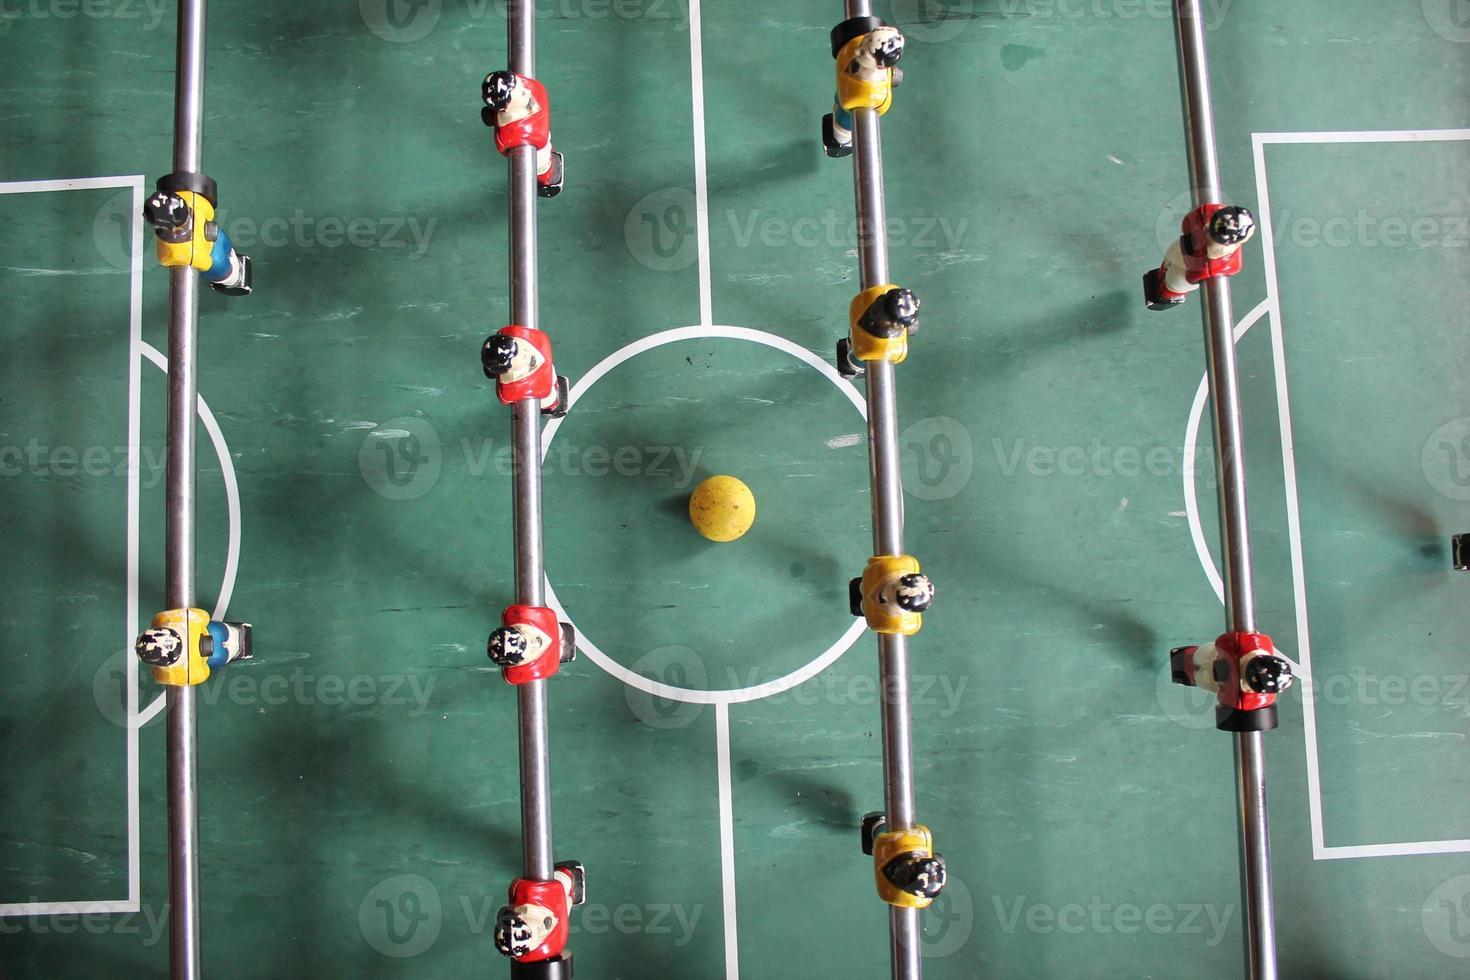 Fußball Brasilien Trikots Tischfußball Fußball in Mannschaftsfarben foto